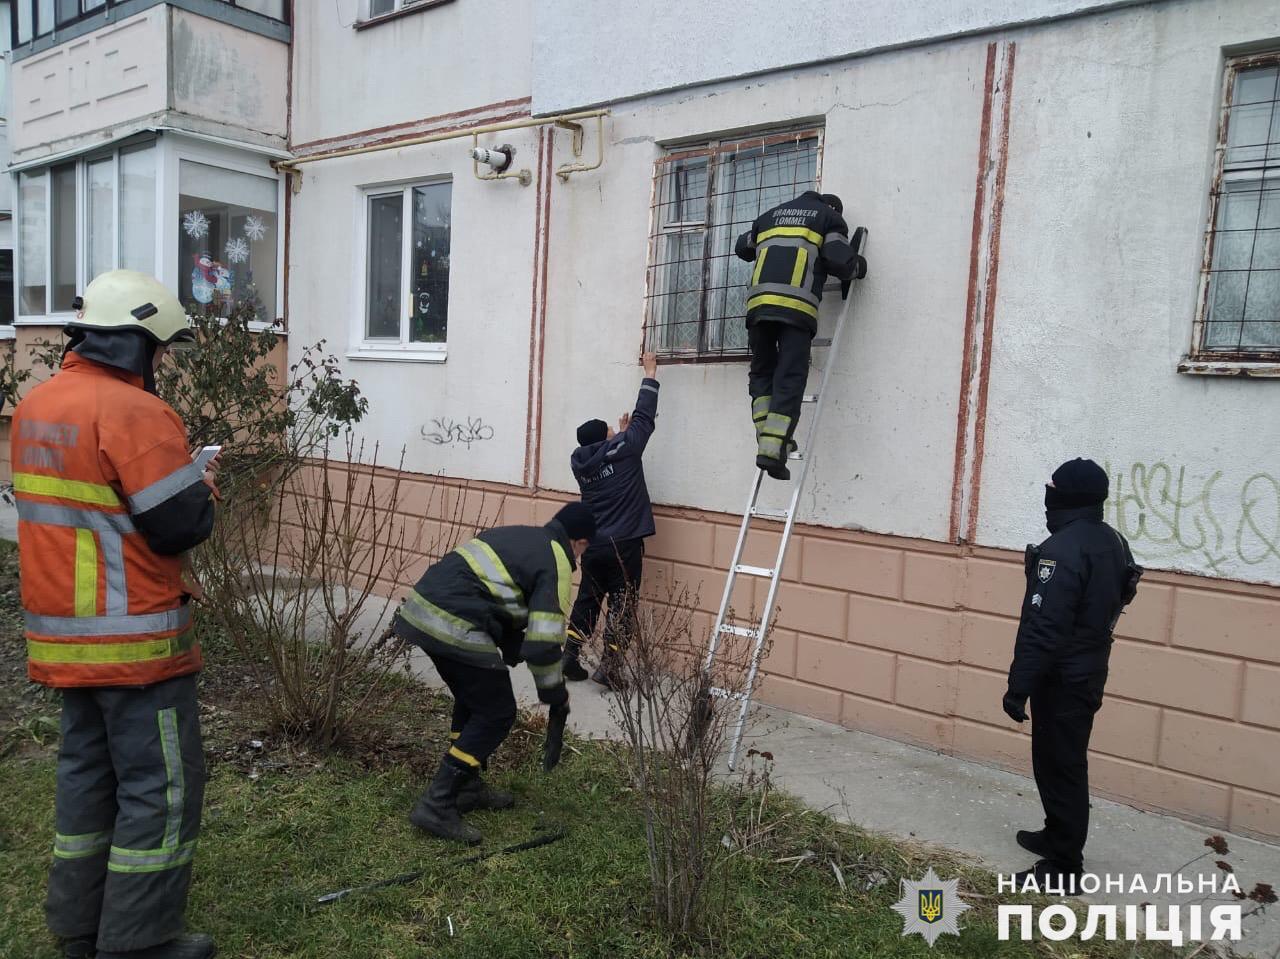 У Фастові врятували бабусю з власної квартири - порятунок життя, поліція Київської області, бабуся - Fastiv1